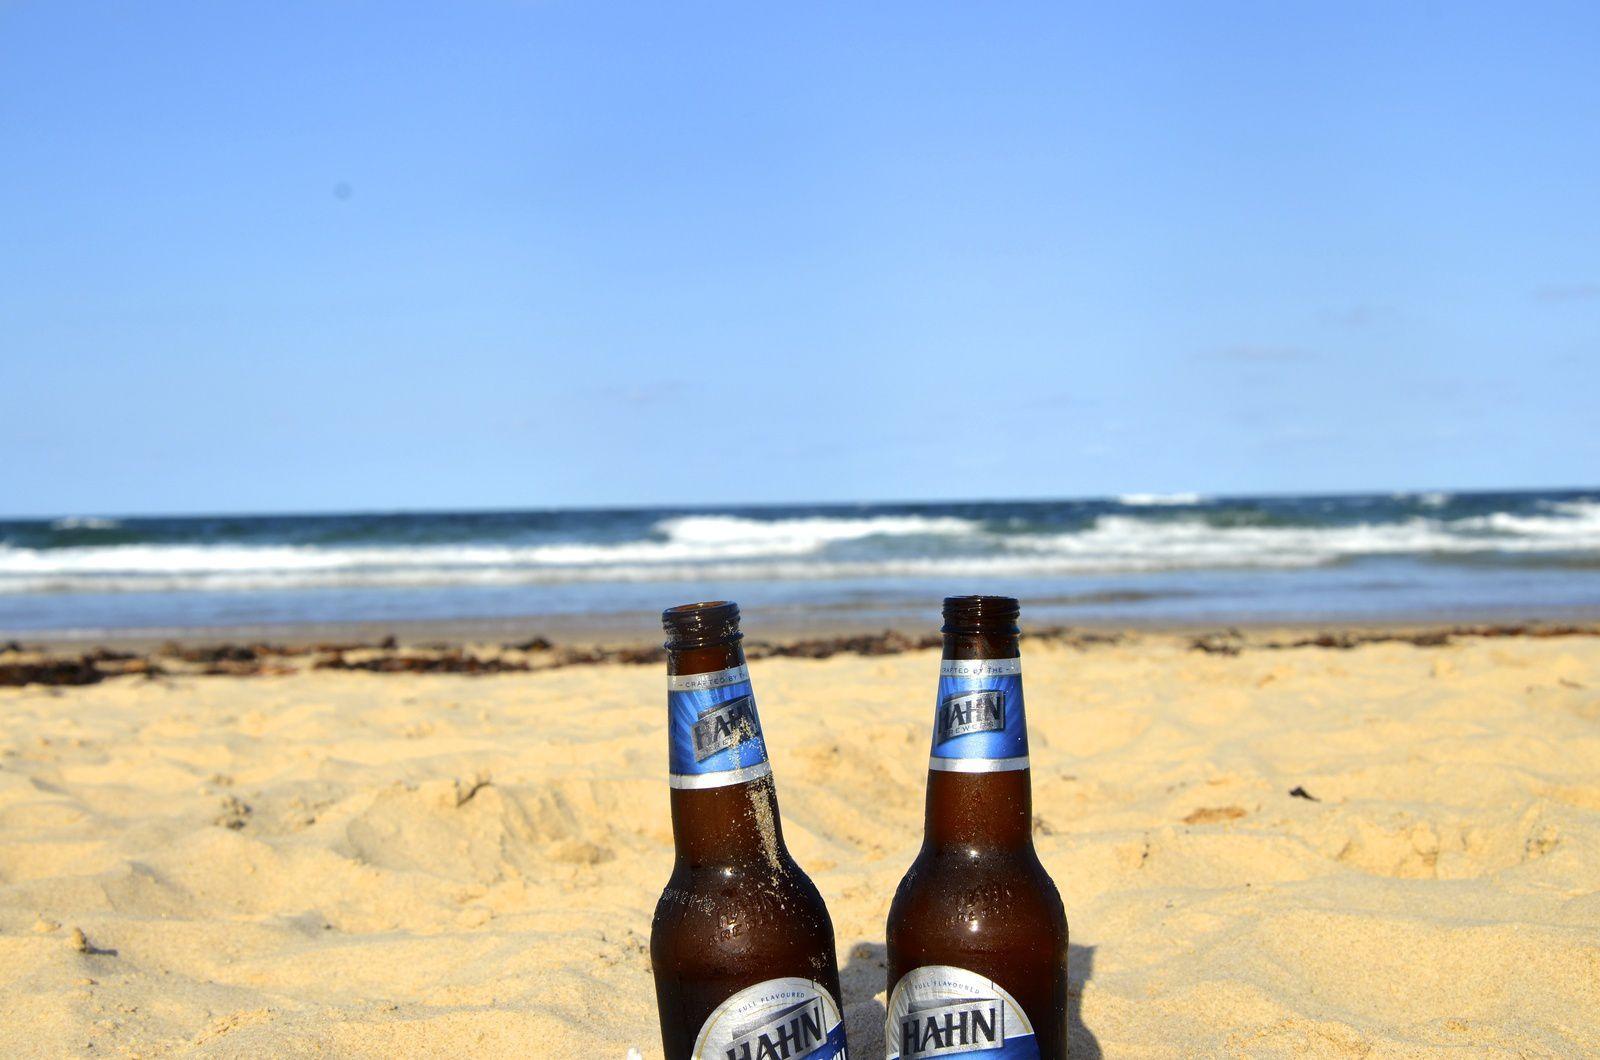 Nambucca heads, seuls sur la plage, coucher de soleil et dîner à Matilda's restaurant (yummi)